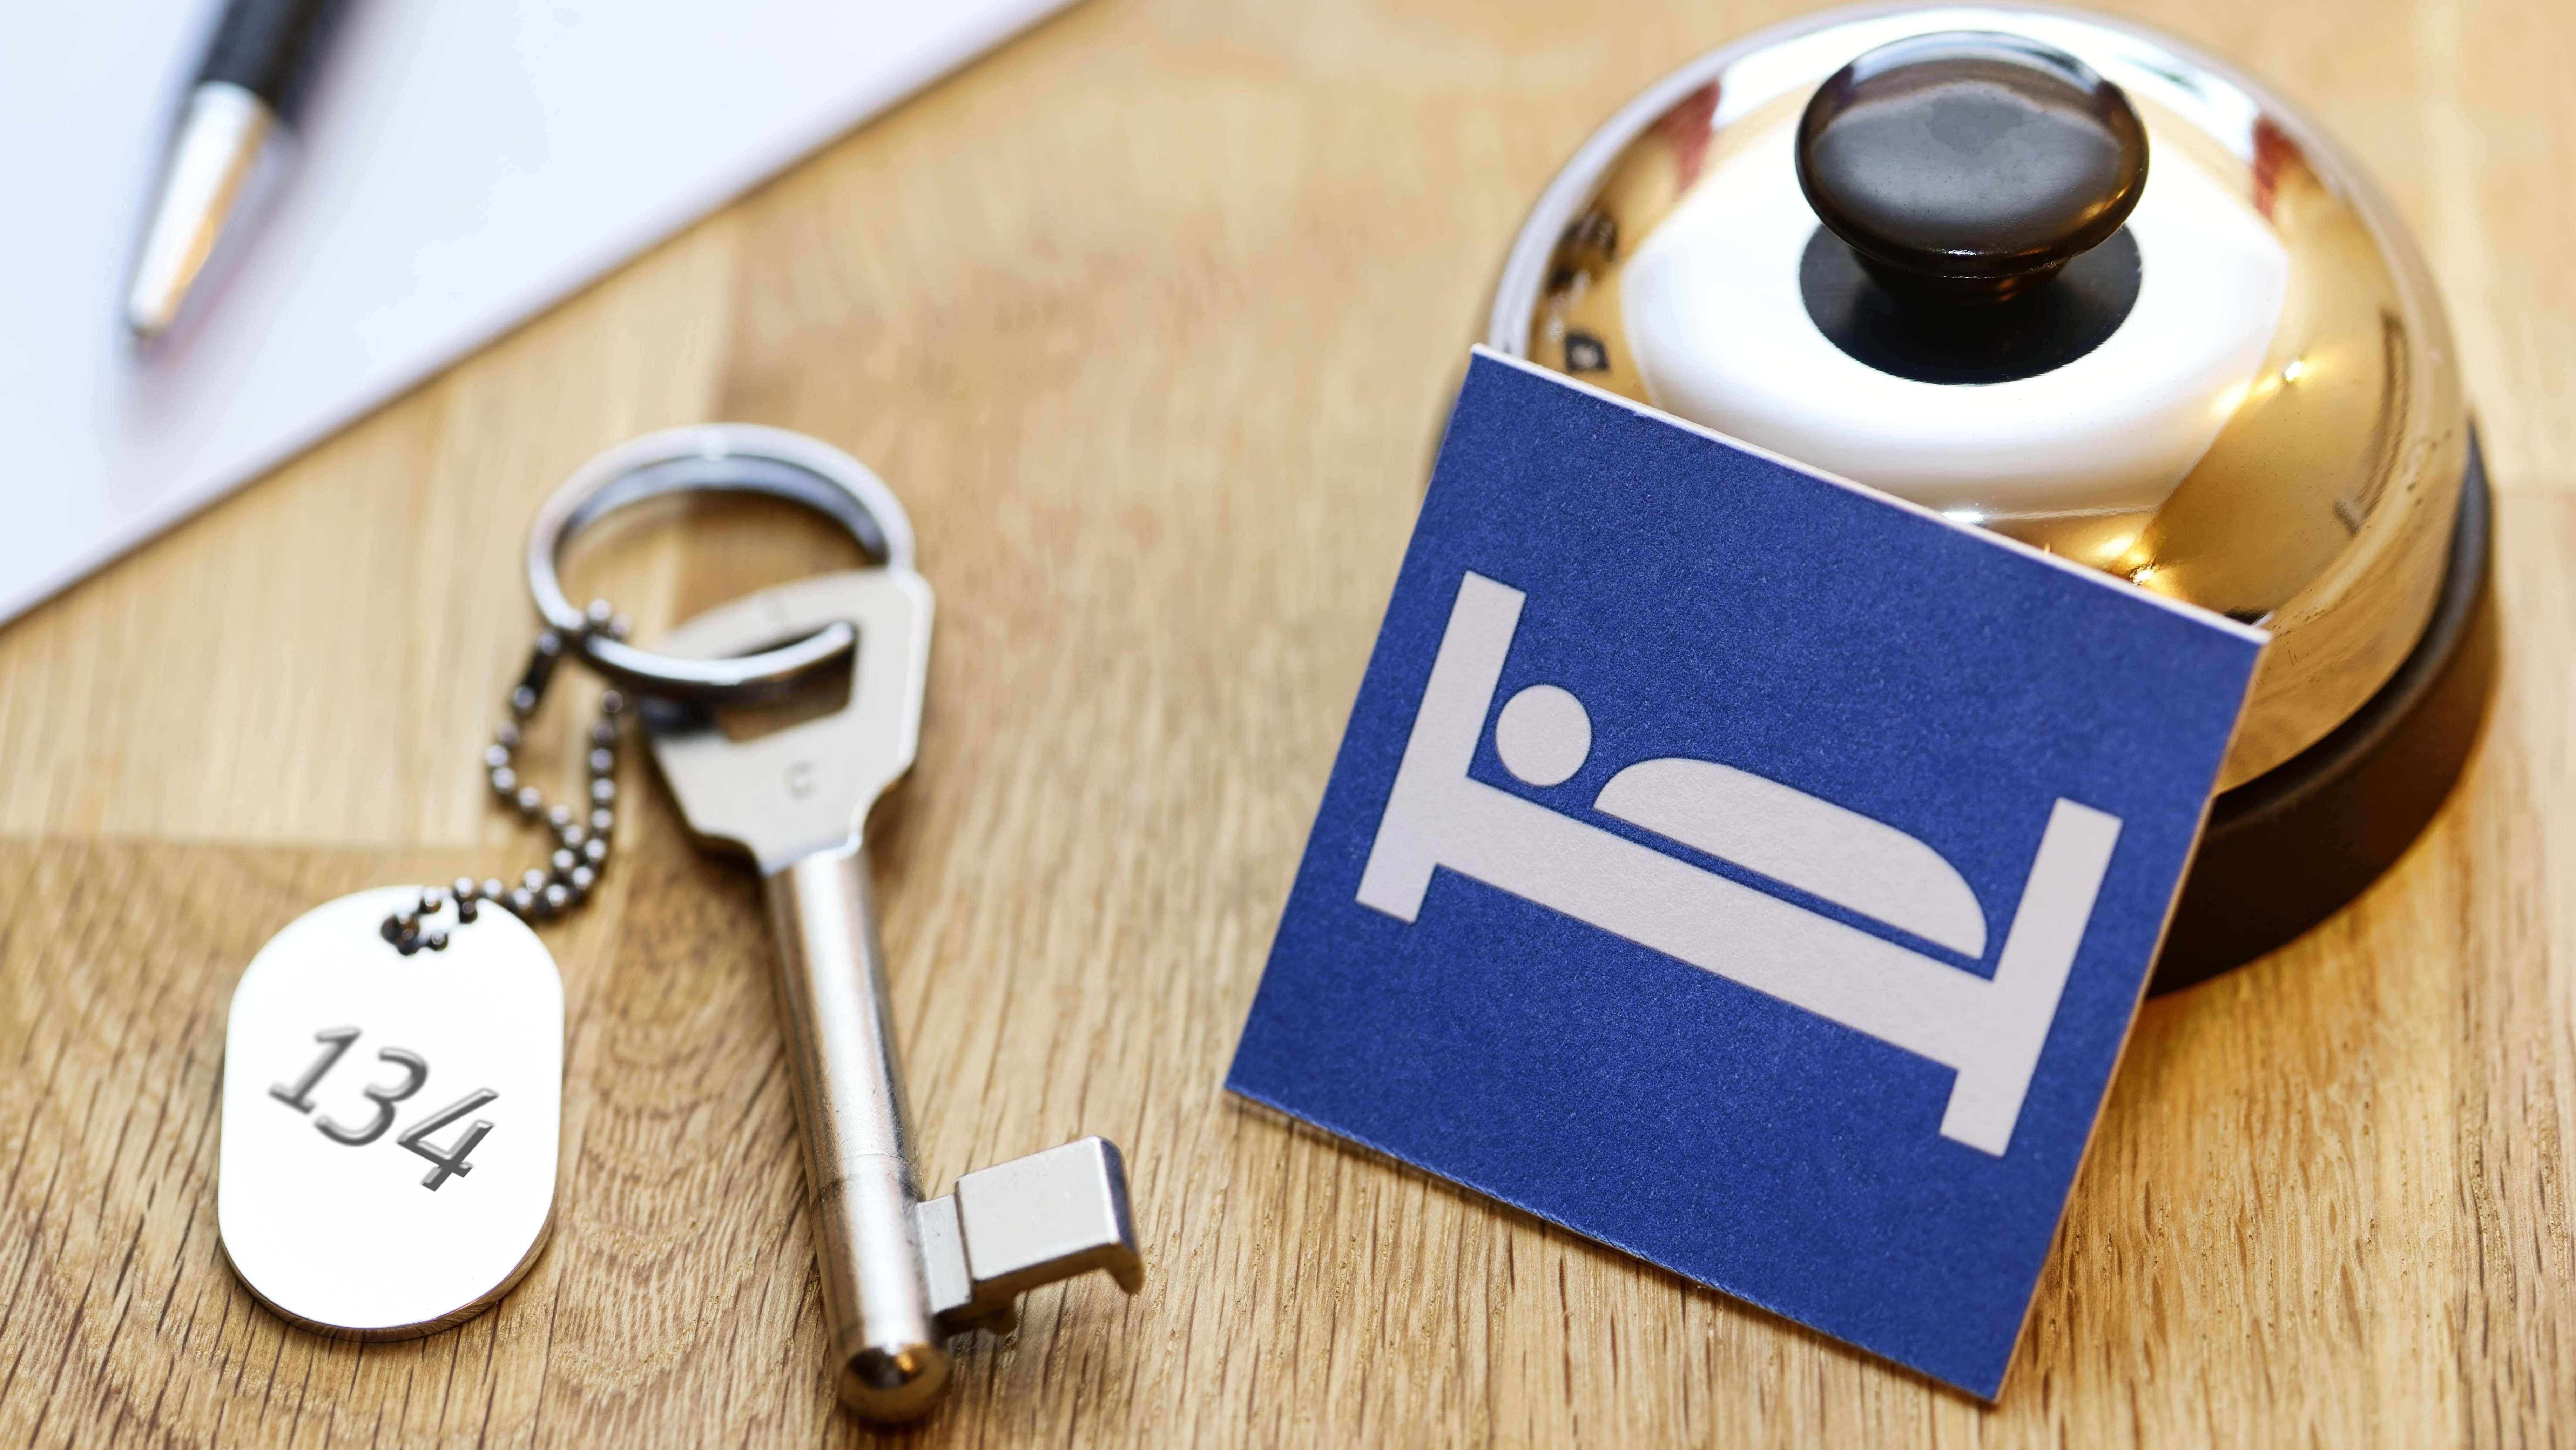 Hotelrezeption mit Zimmerschlüssel und Klingel (Symbolbild)